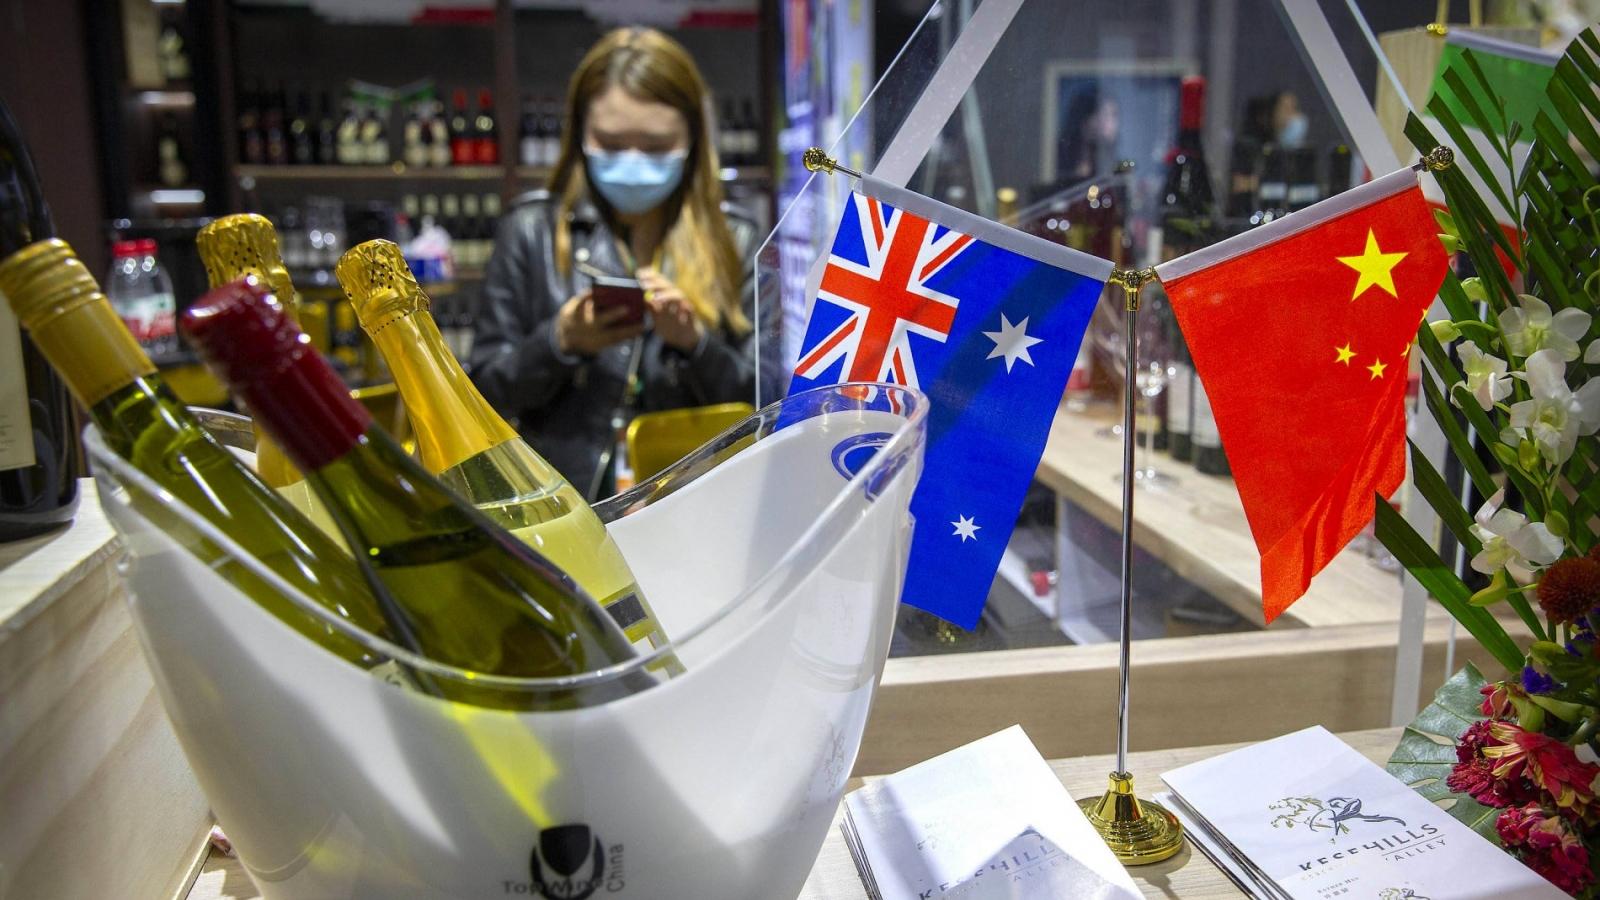 Quan hệ giữa Trung Quốc và Australia rất phức tạp, phức tạp hơn những gì được thấy